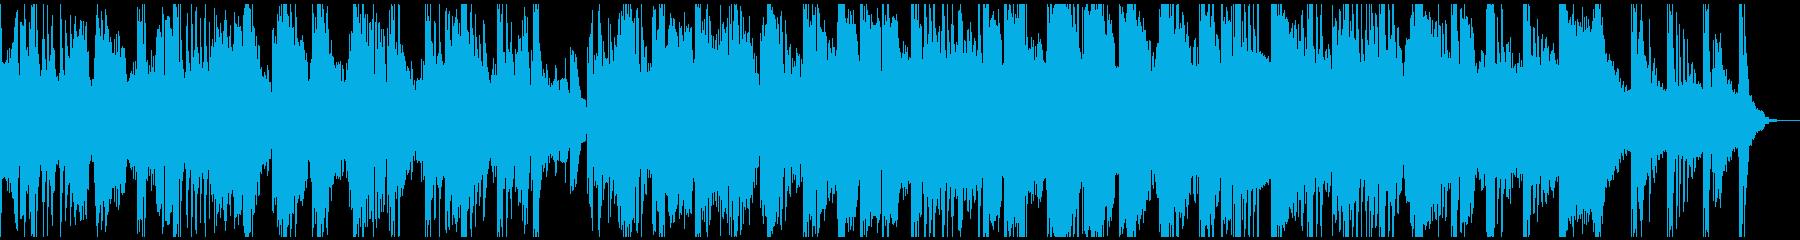 遅いセンチメンタル。の再生済みの波形